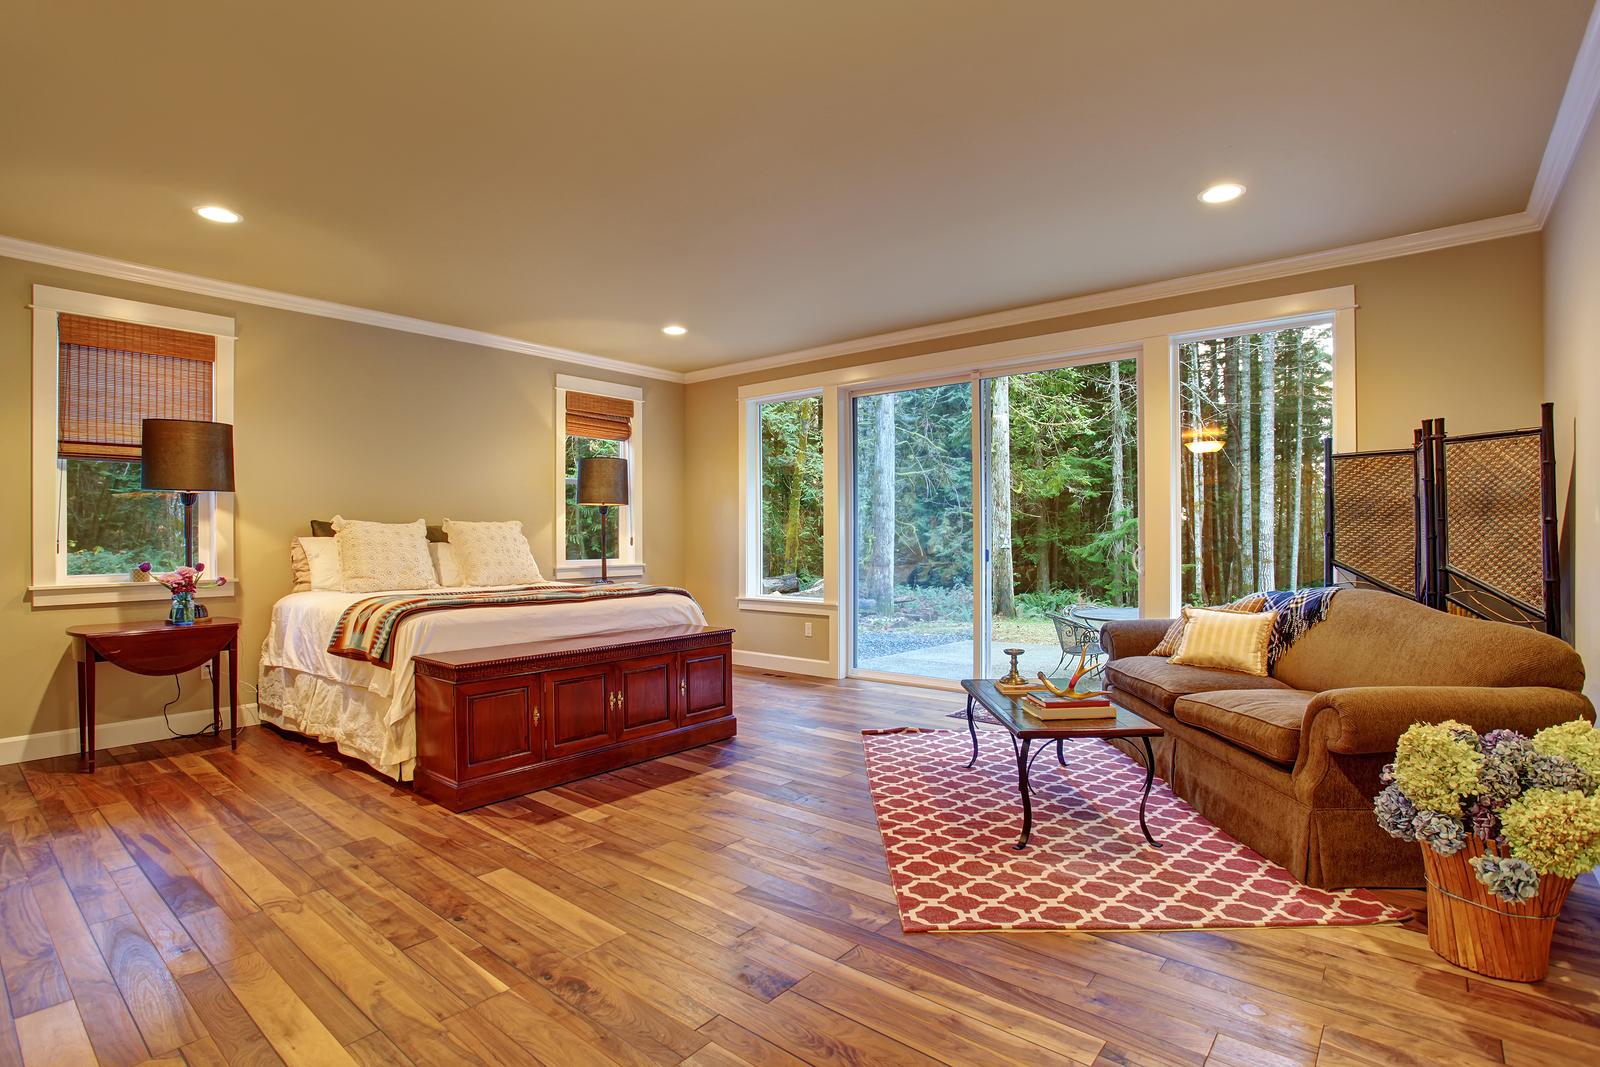 Mách bạn cách chọn xốp lót sàn gỗ thích hợp